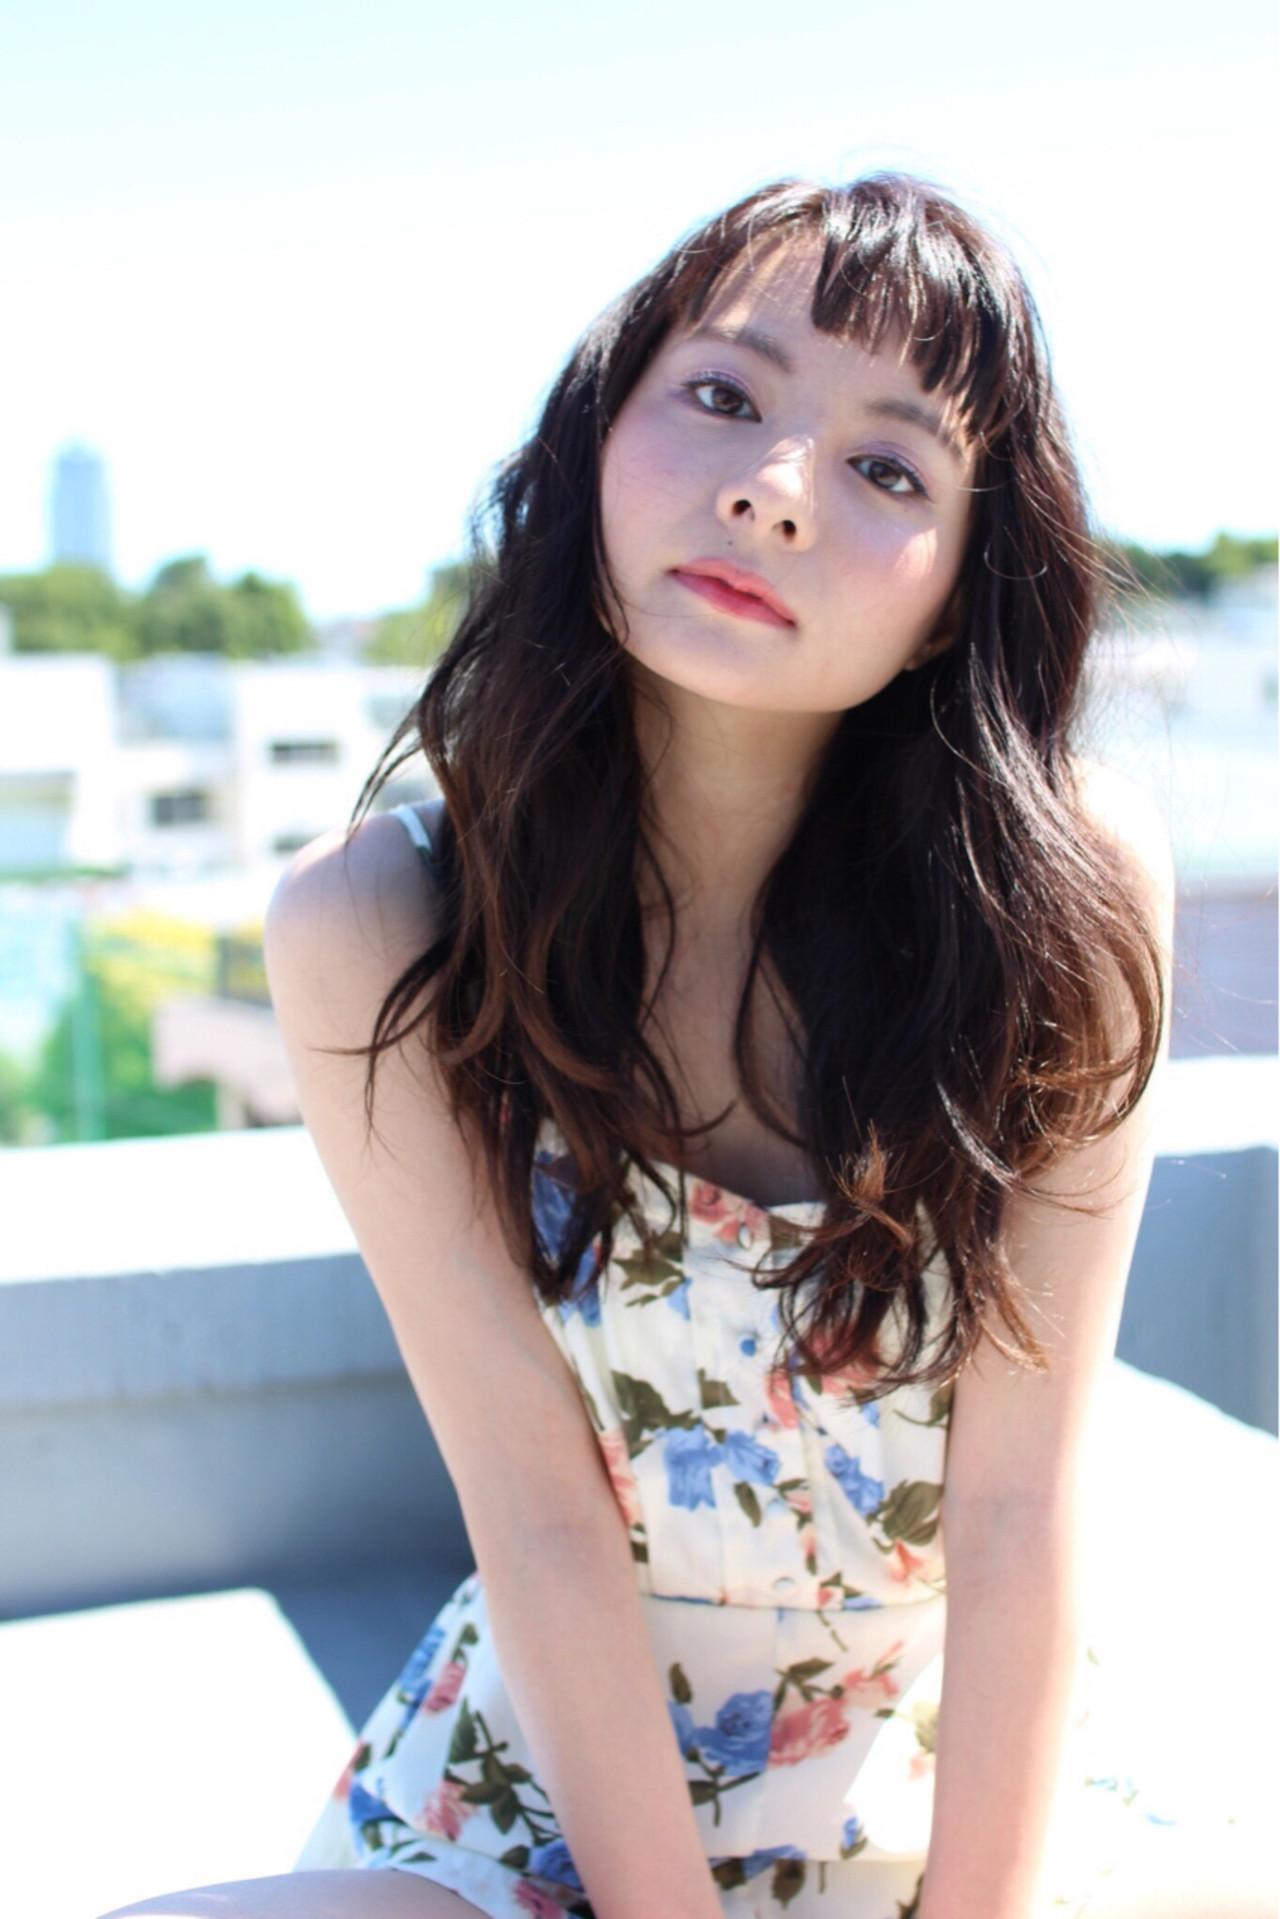 前髪あり 黒髪 ゆるふわ ロング ヘアスタイルや髪型の写真・画像 | 悠 (haruka) /